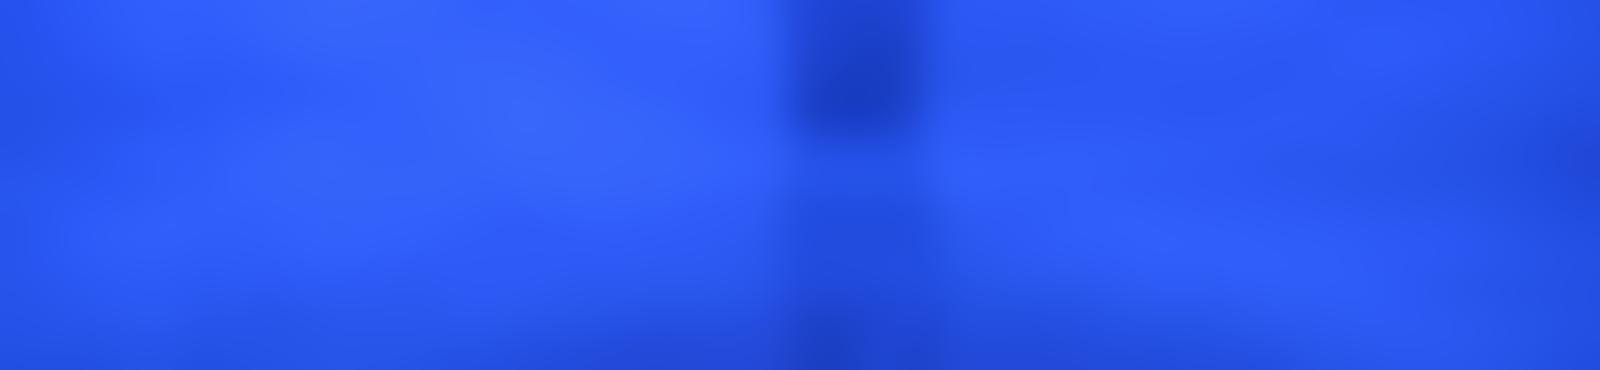 Blurred ebad7bca 728a 4a1f 8d7f 0a49634dd694